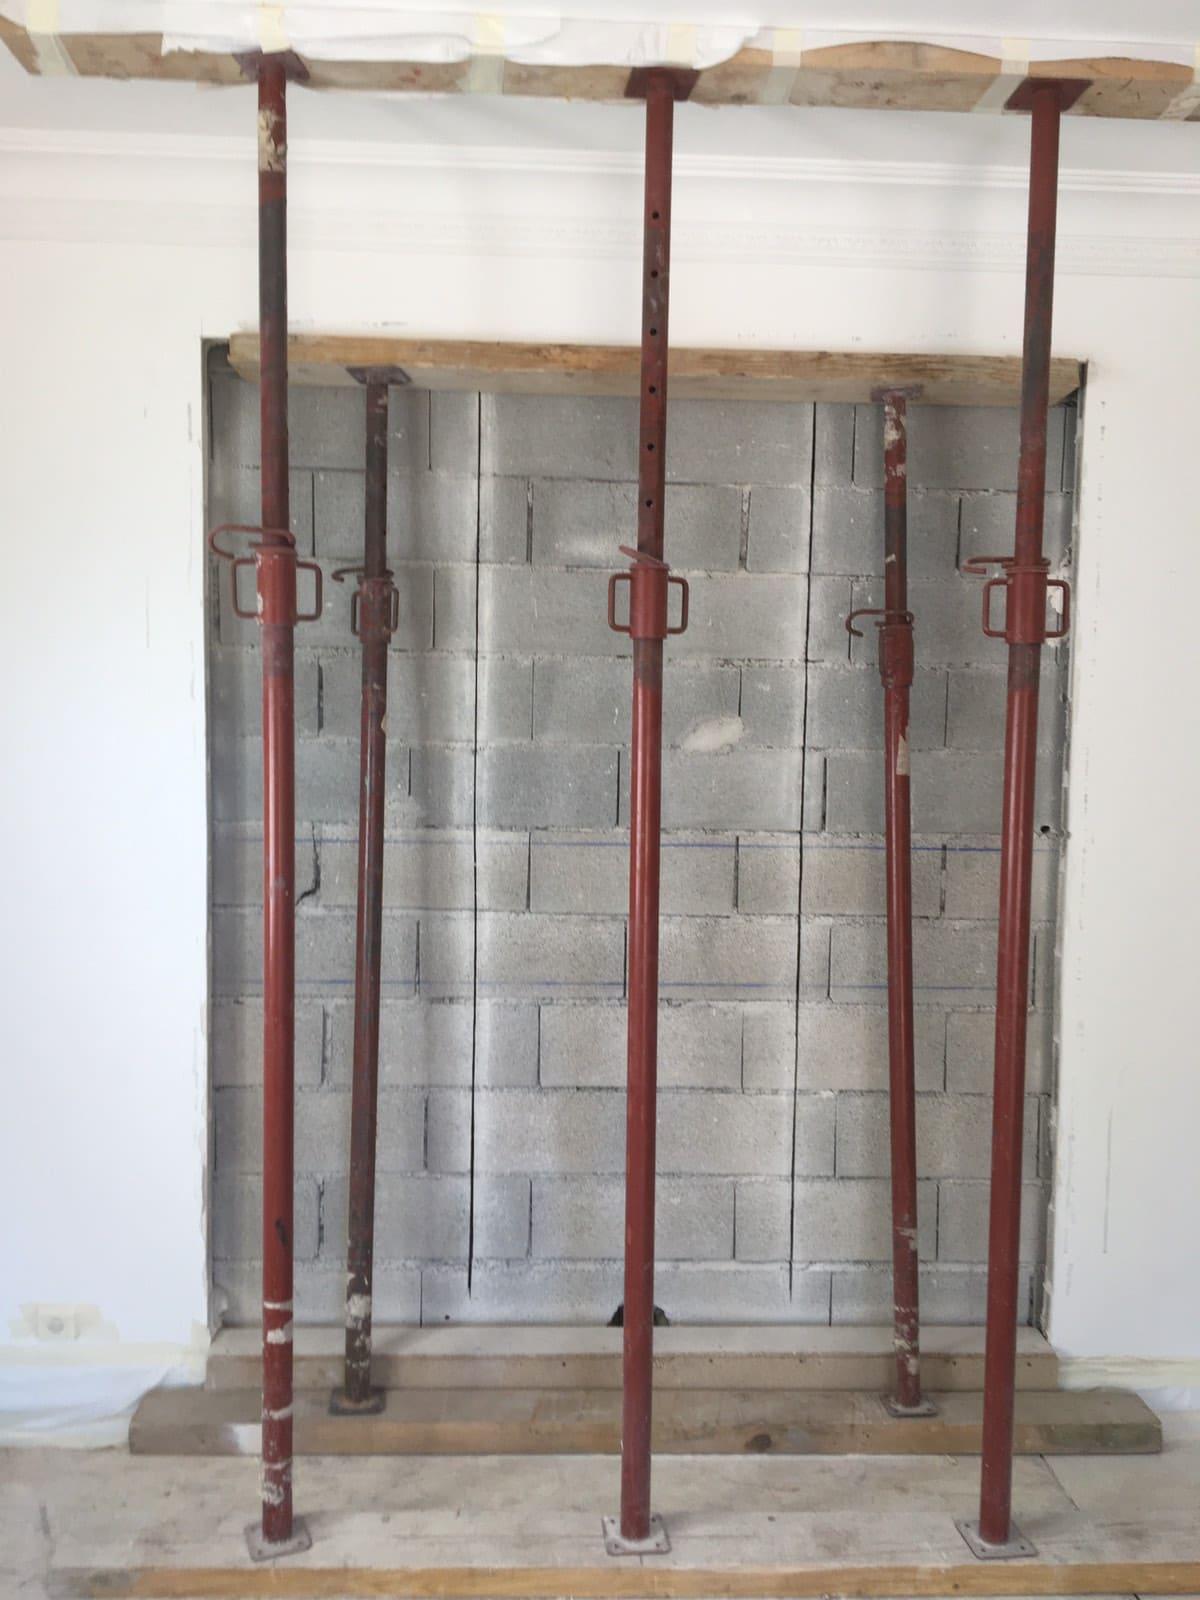 Démolition d'un mur porteur. Renforcement par la structure métallique à Vallauris. - Murs porteurs